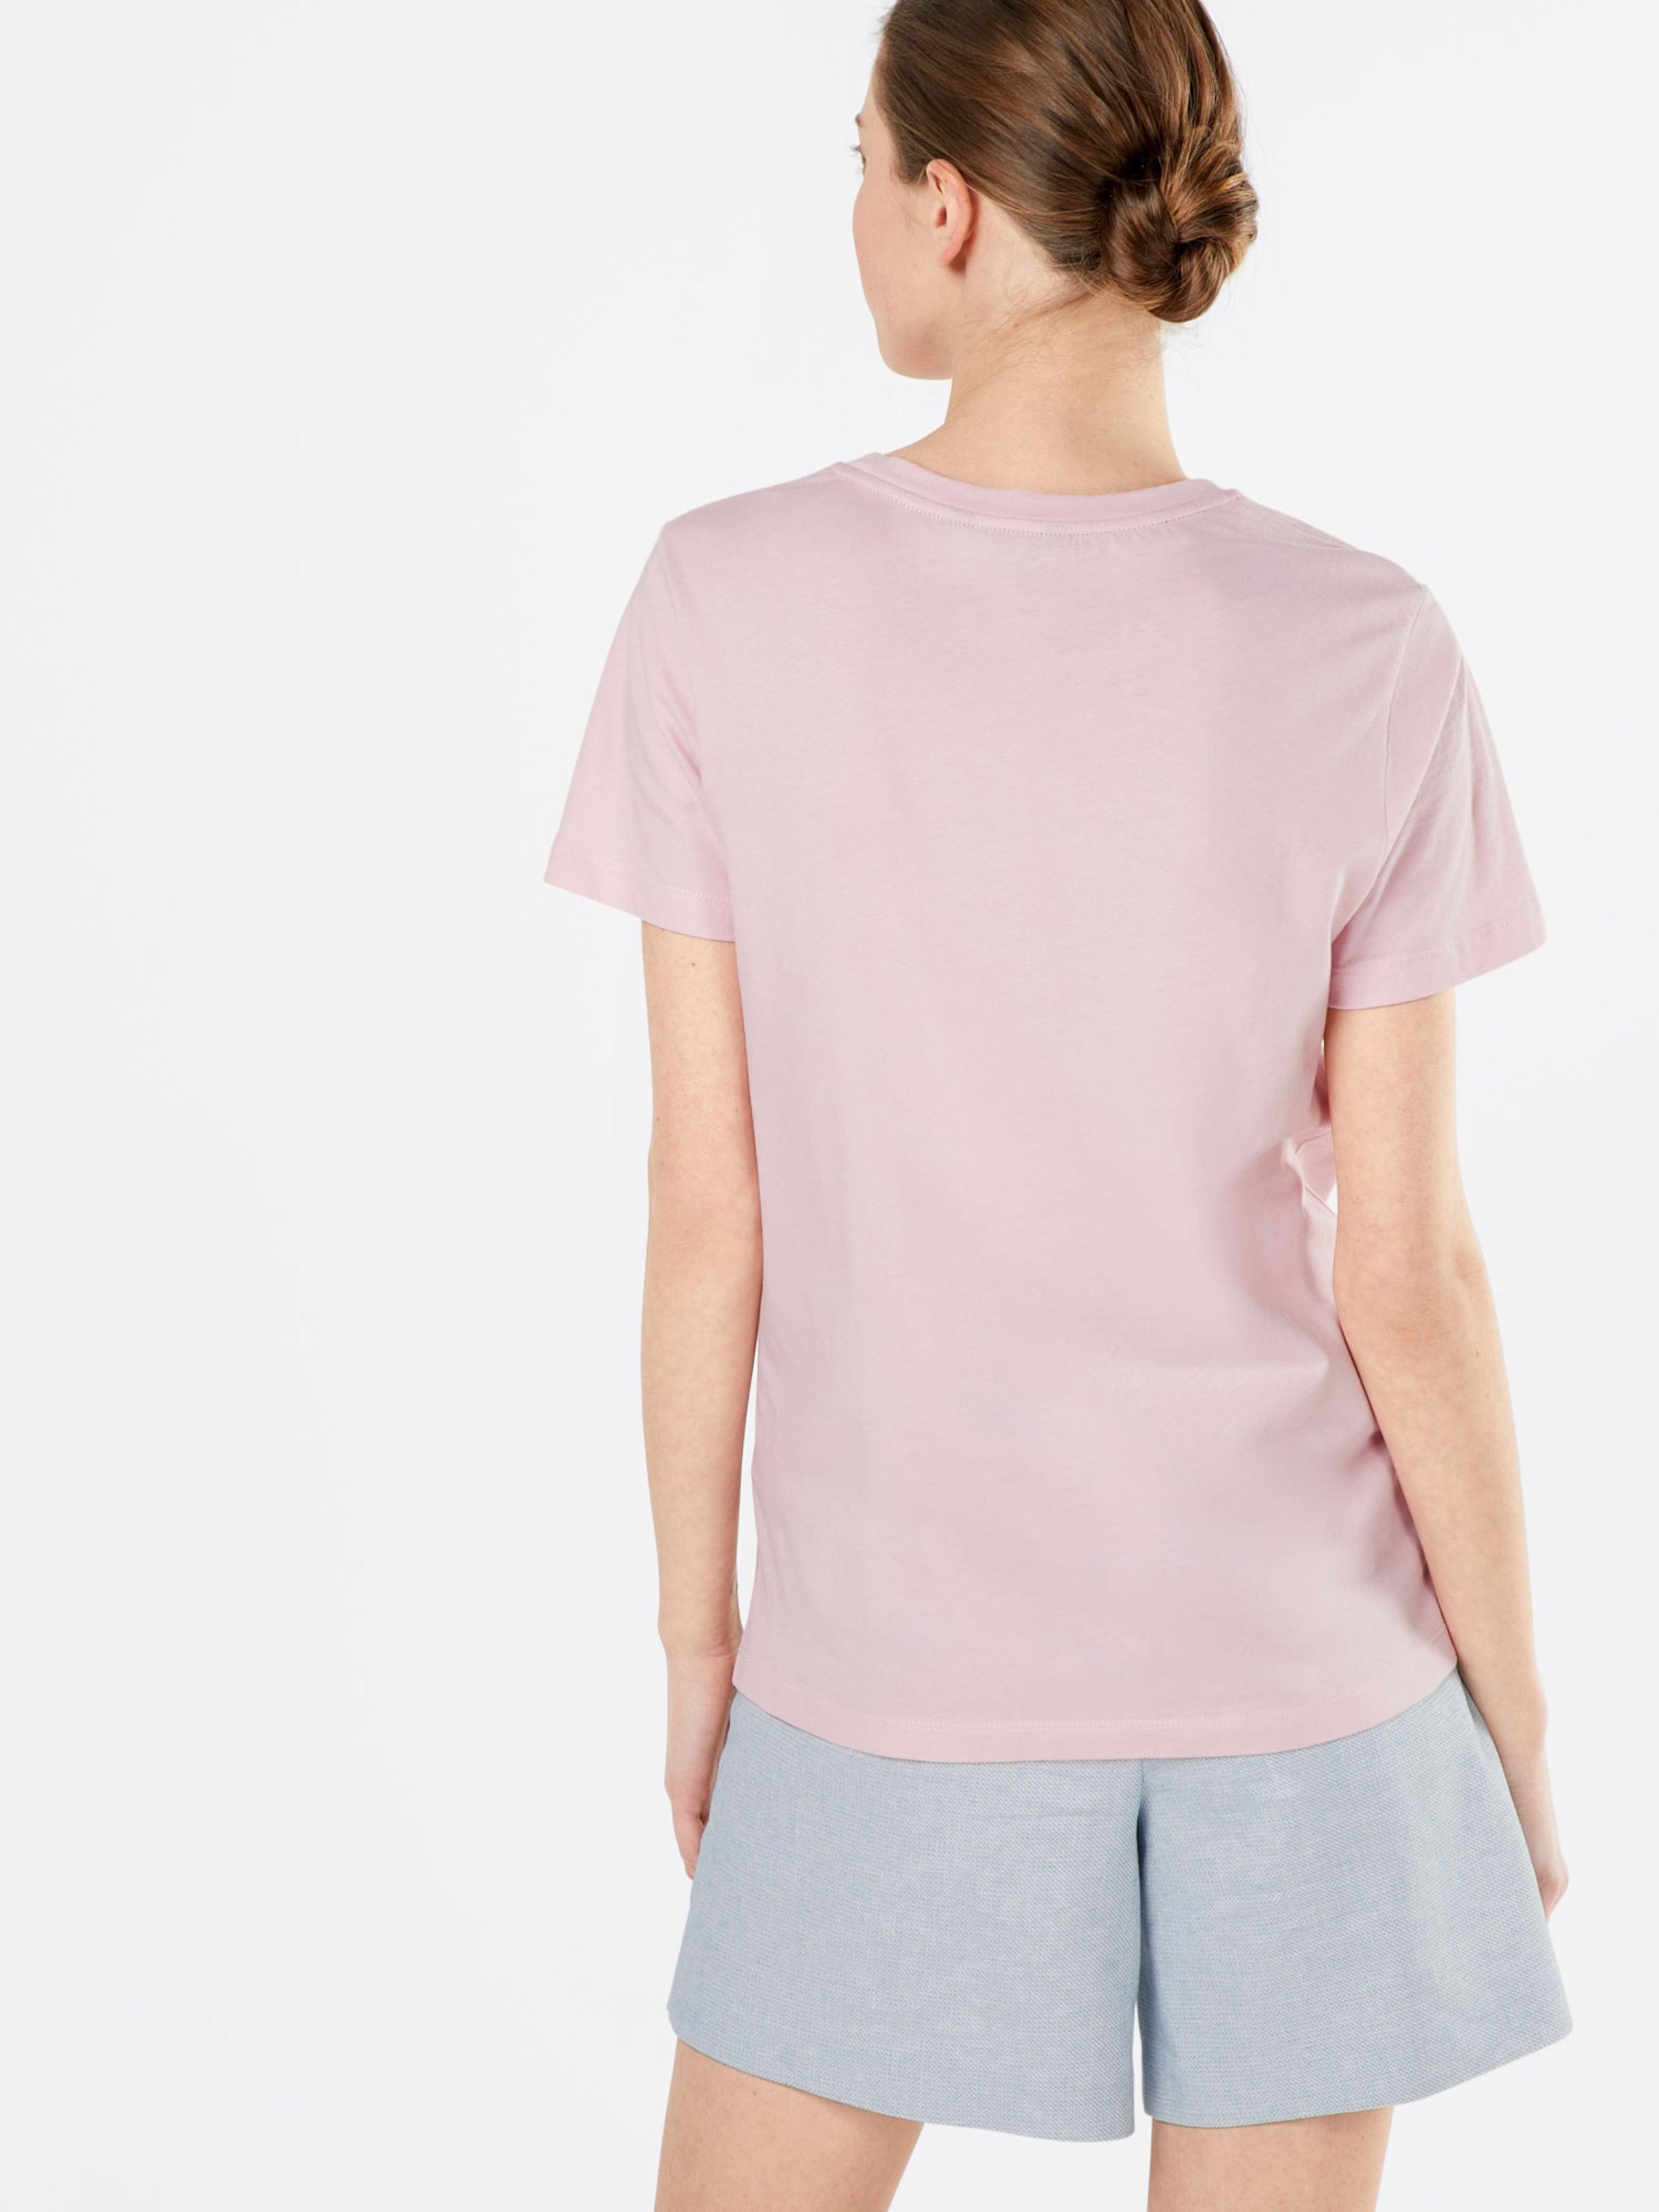 TOMMY HILFIGER T-Shirt 'AILA' Billigsten Günstig Online Meistverkauft TUYe5t